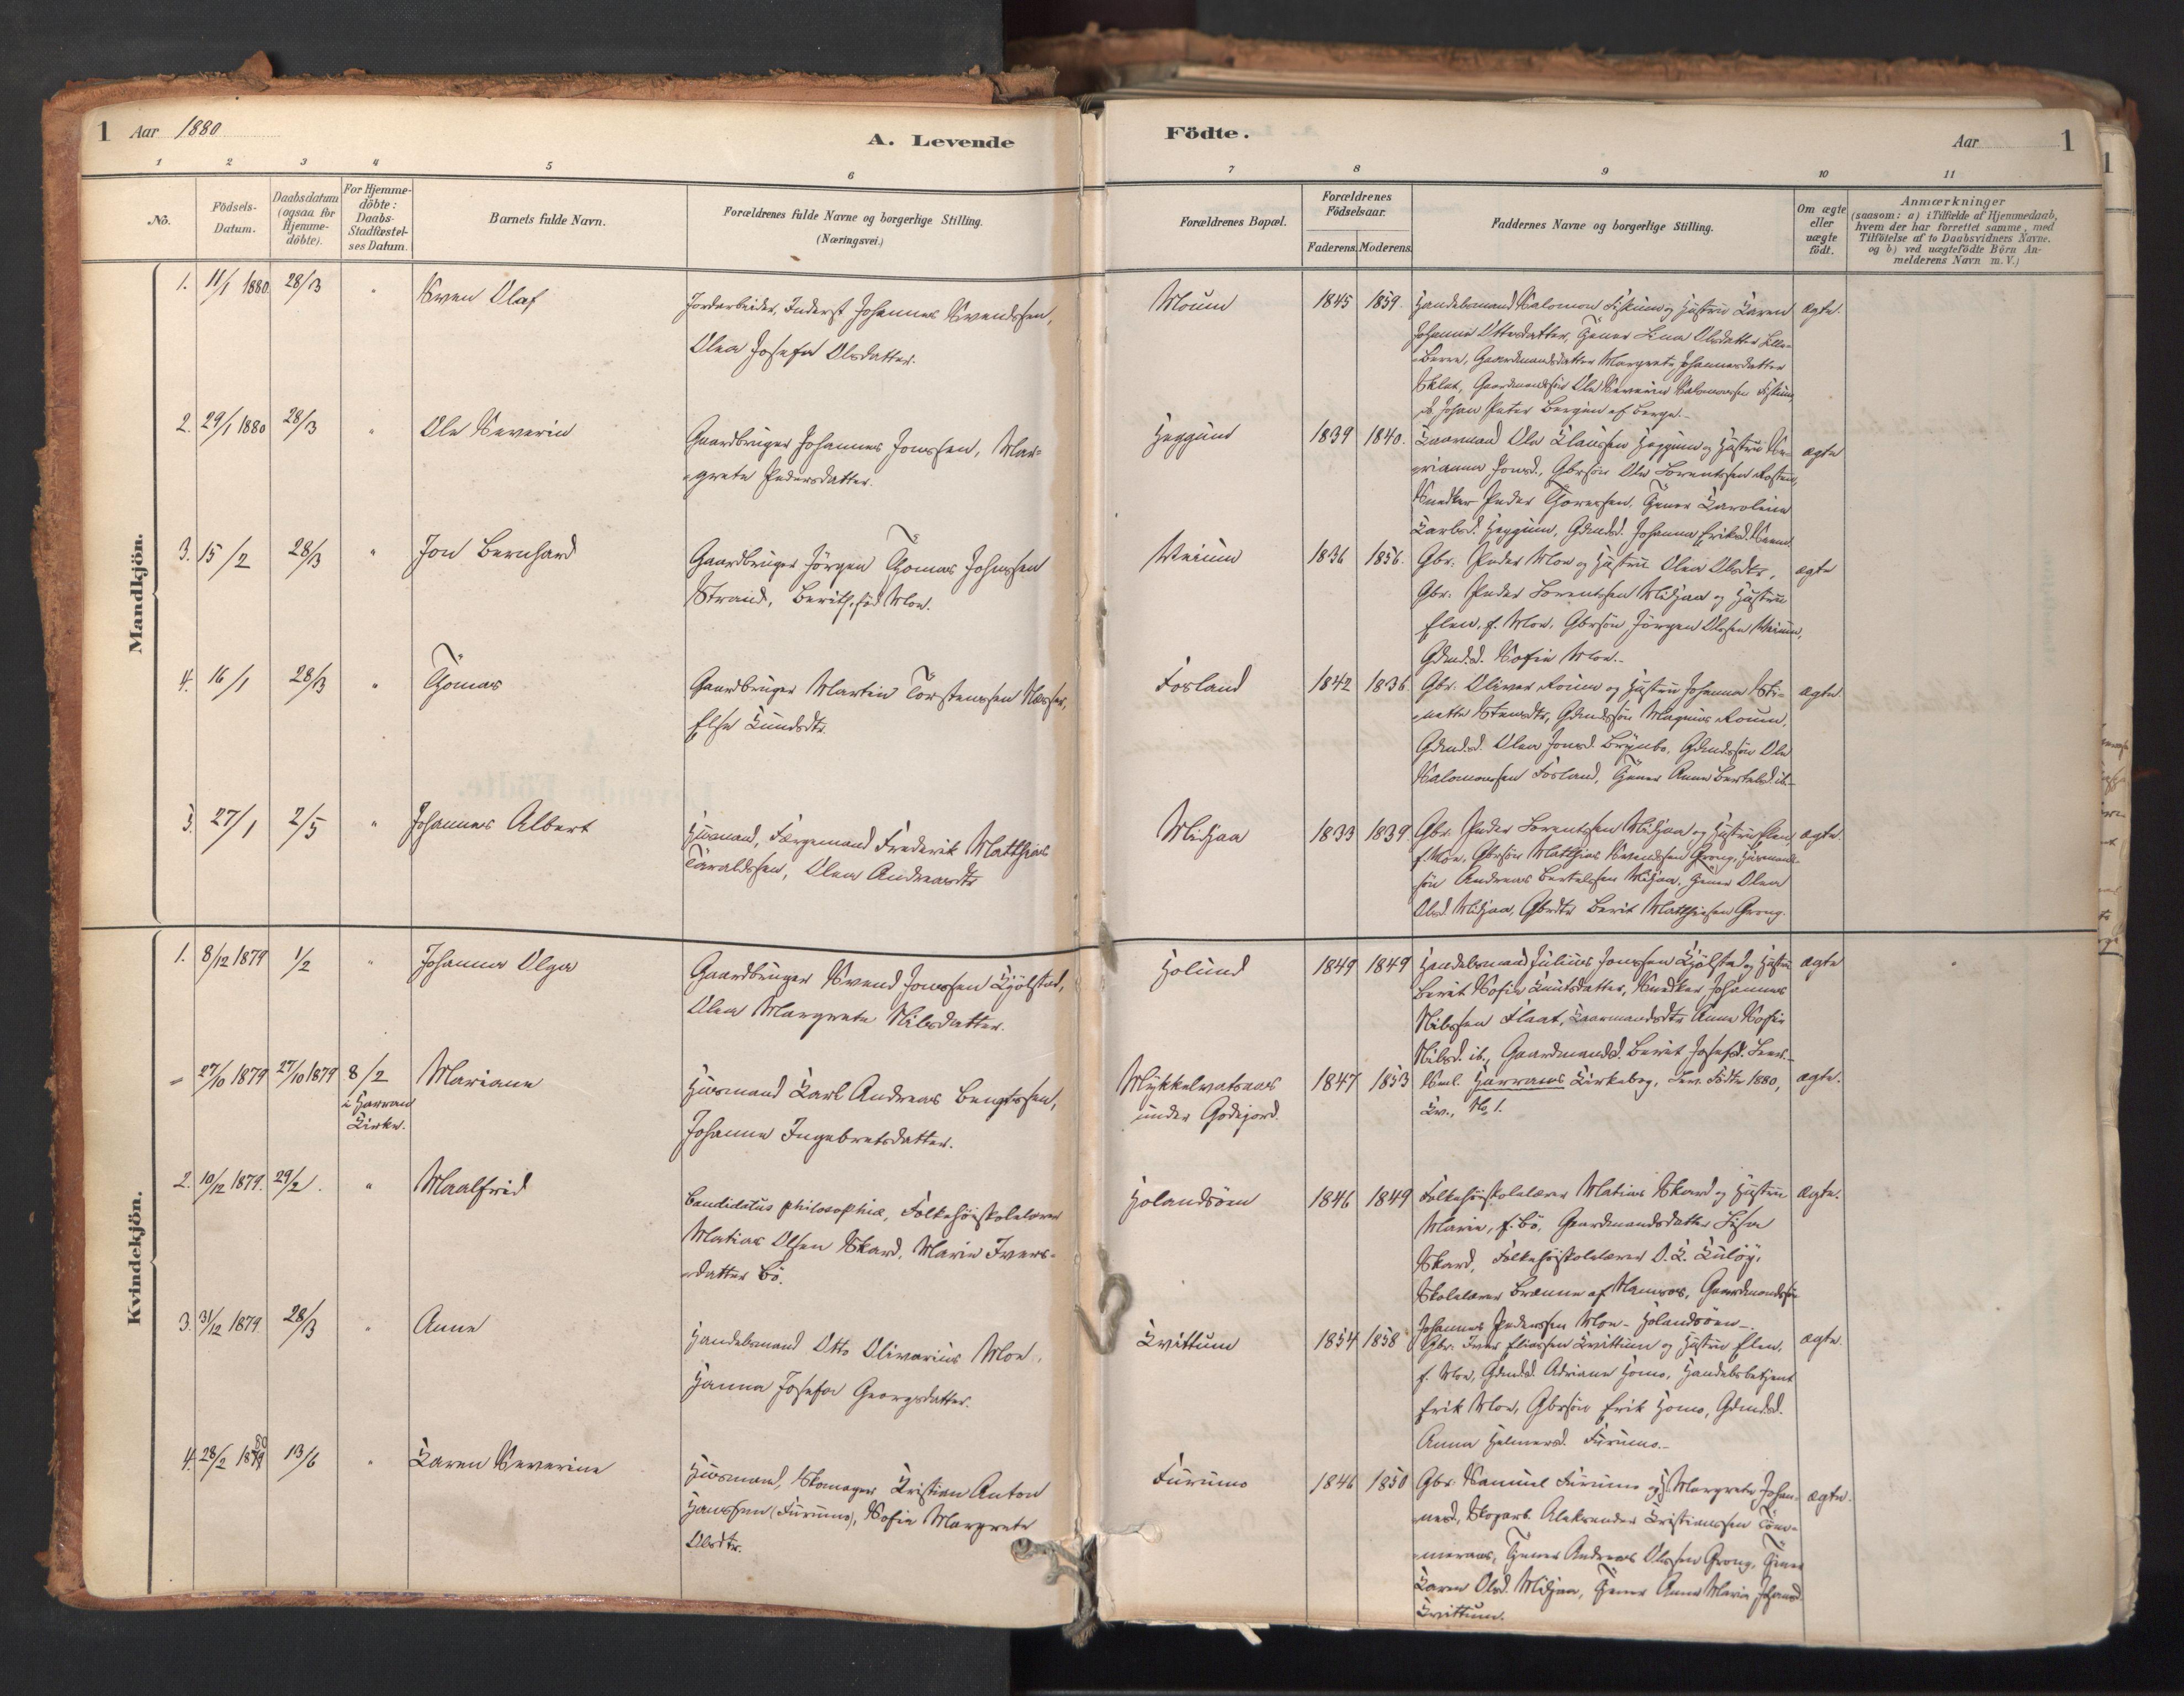 SAT, Ministerialprotokoller, klokkerbøker og fødselsregistre - Nord-Trøndelag, 758/L0519: Ministerialbok nr. 758A04, 1880-1926, s. 1